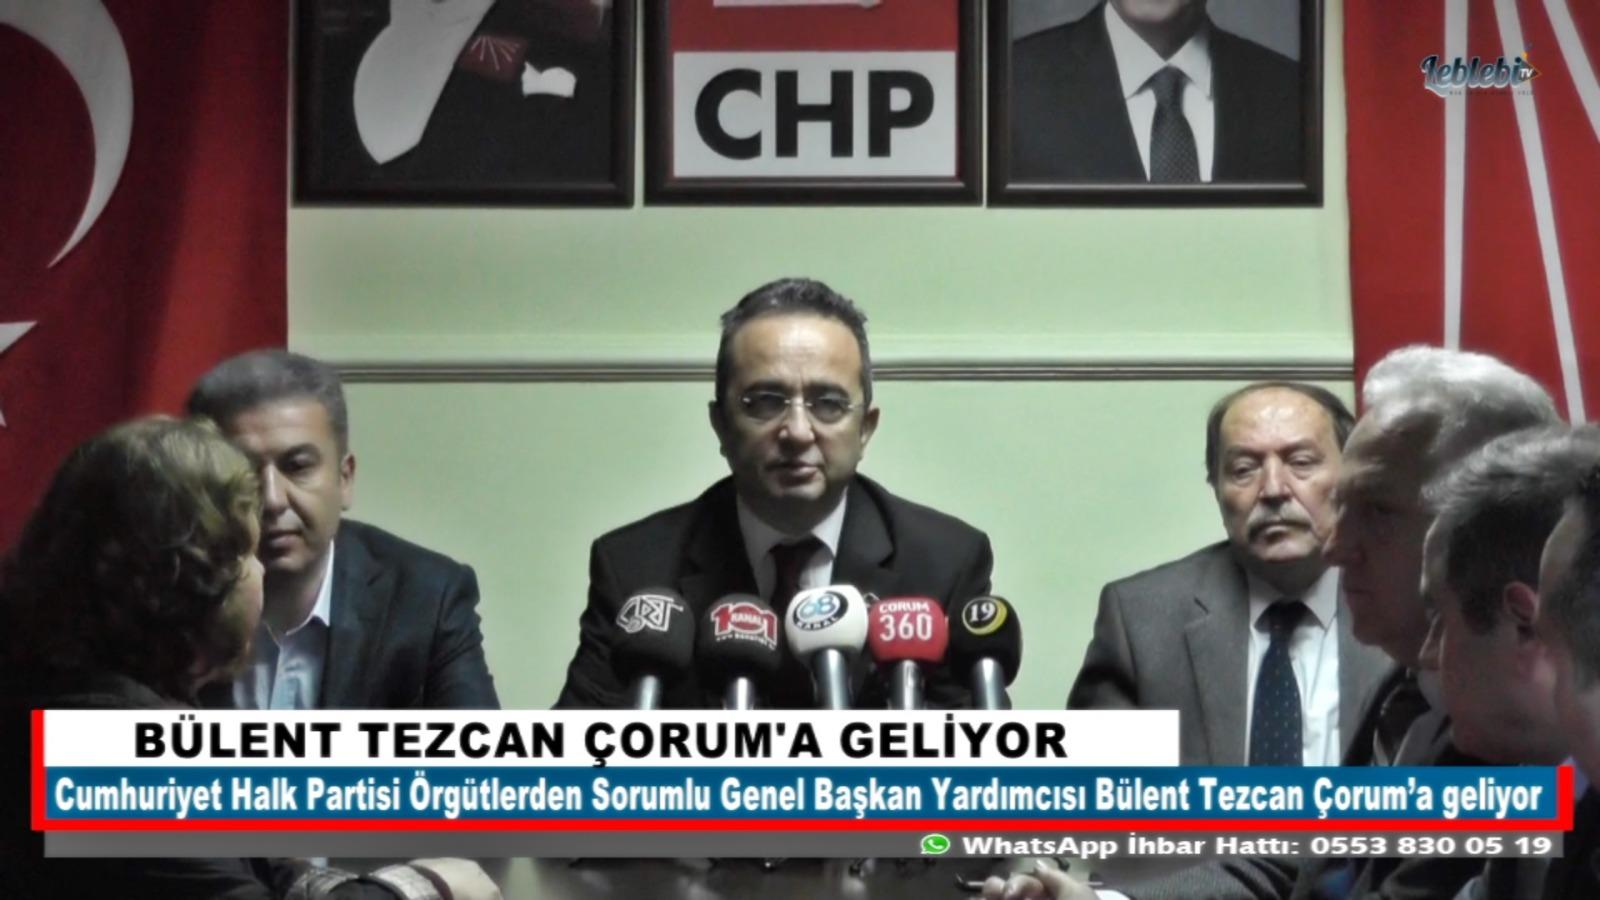 BÜLENT TEZCAN ÇORUM'A GELİYOR